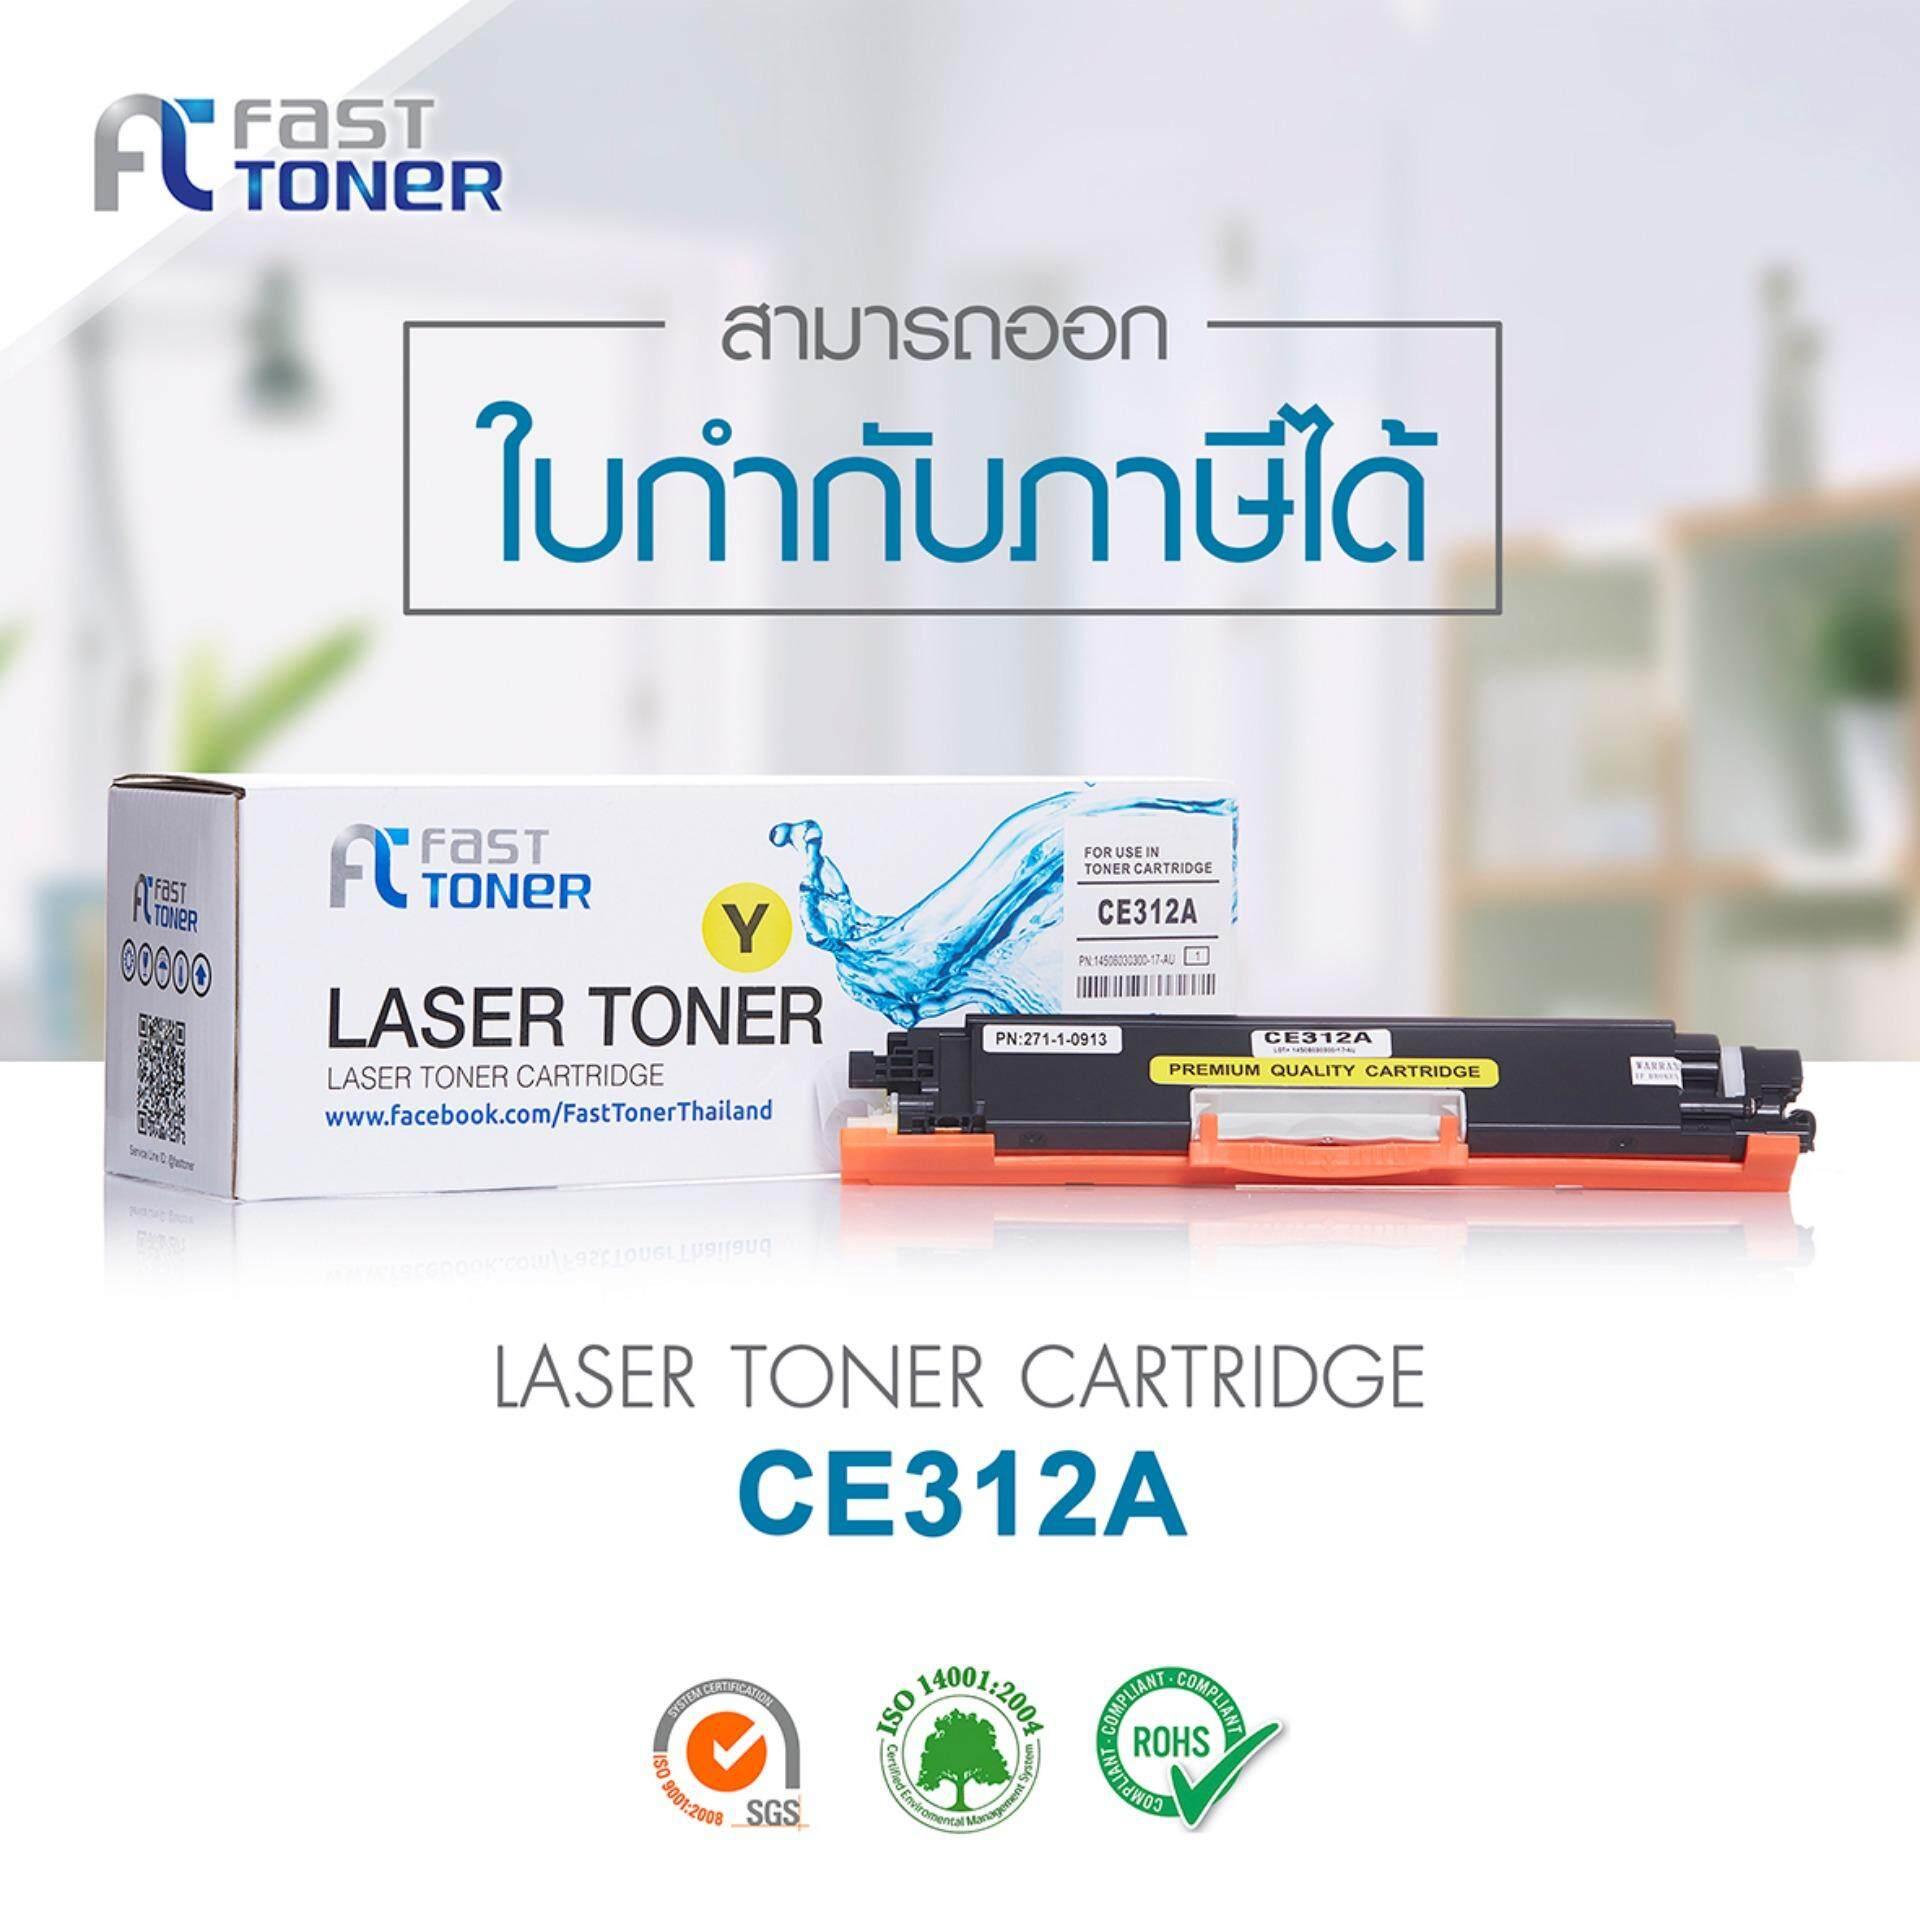 ขาย Fast Toner Hp ตลับหมึกเลเซอร์เทียบเท่า 126A รุ่น Ce312A Yellow สำหรับเครื่องพิมพ์ Hp Laserjet Printer Cp1025 Cp1025Nw M175Nw Canon Lbp 7010C 7018C Fast Toner เป็นต้นฉบับ